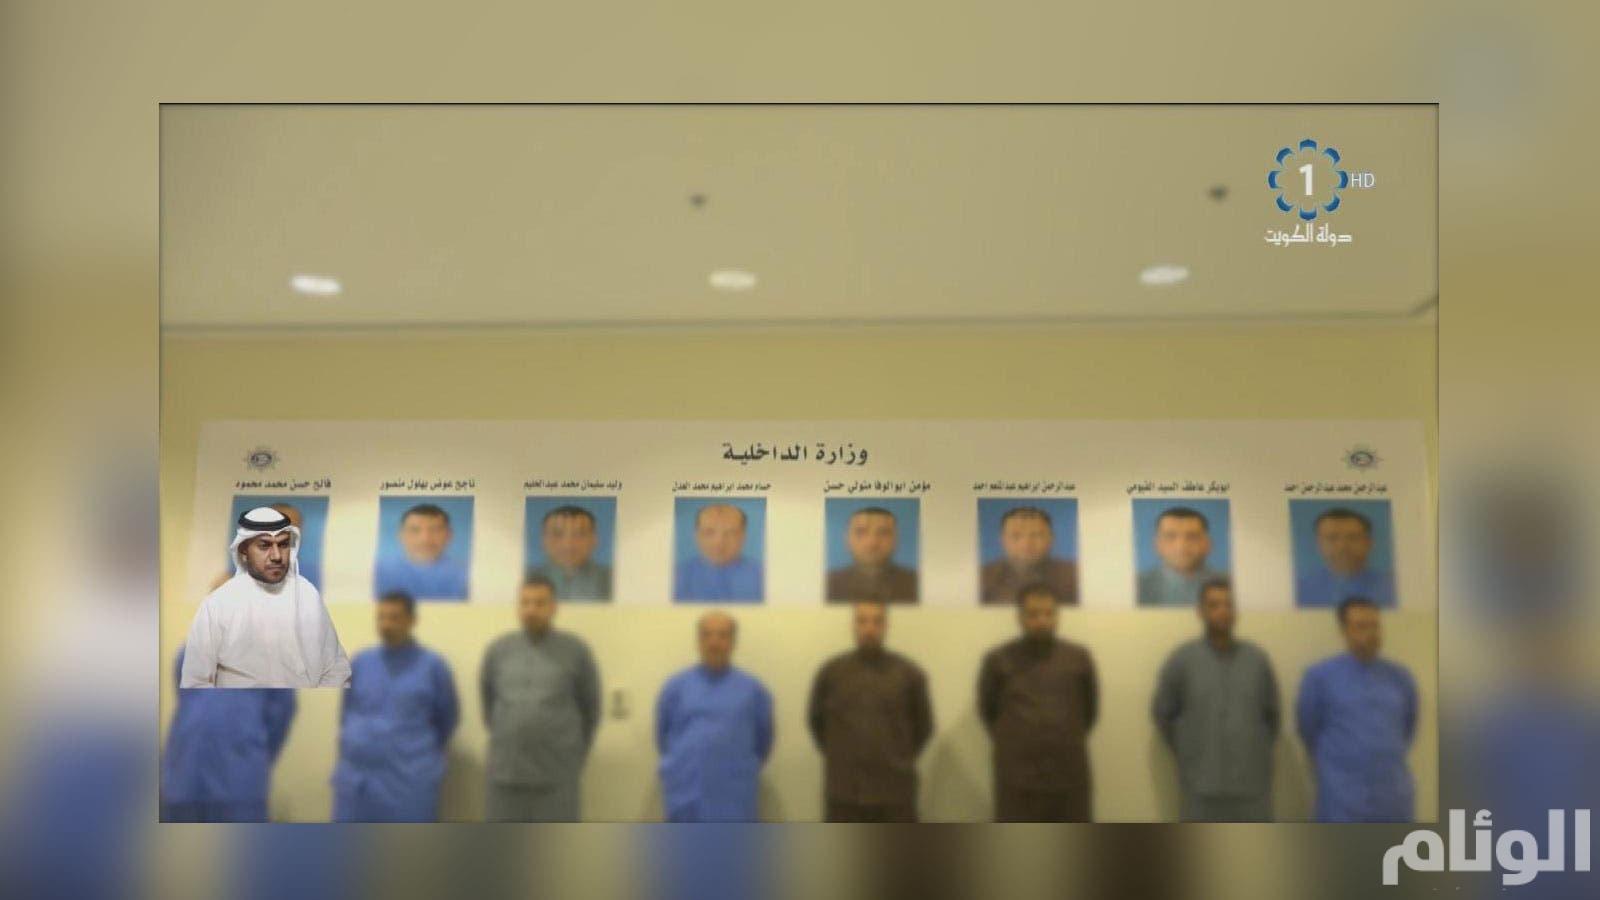 الكويت تسلم عناصر الخلية الإرهابية التابعة للإخوان إلى مصر